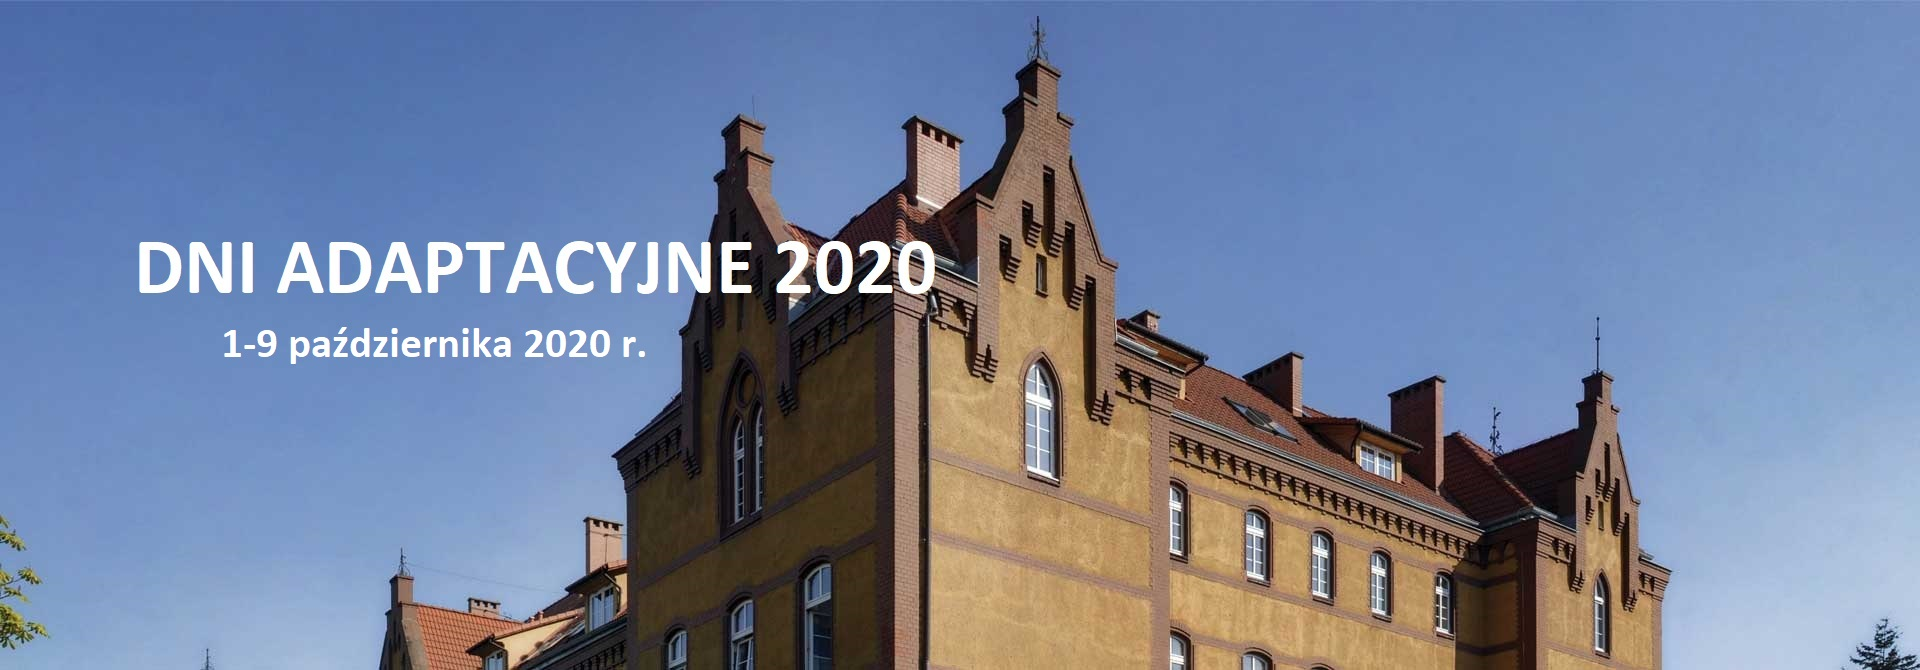 Dni Adaptacyjne 2020 – informacje dla studentów pierwszego roku [akt.]